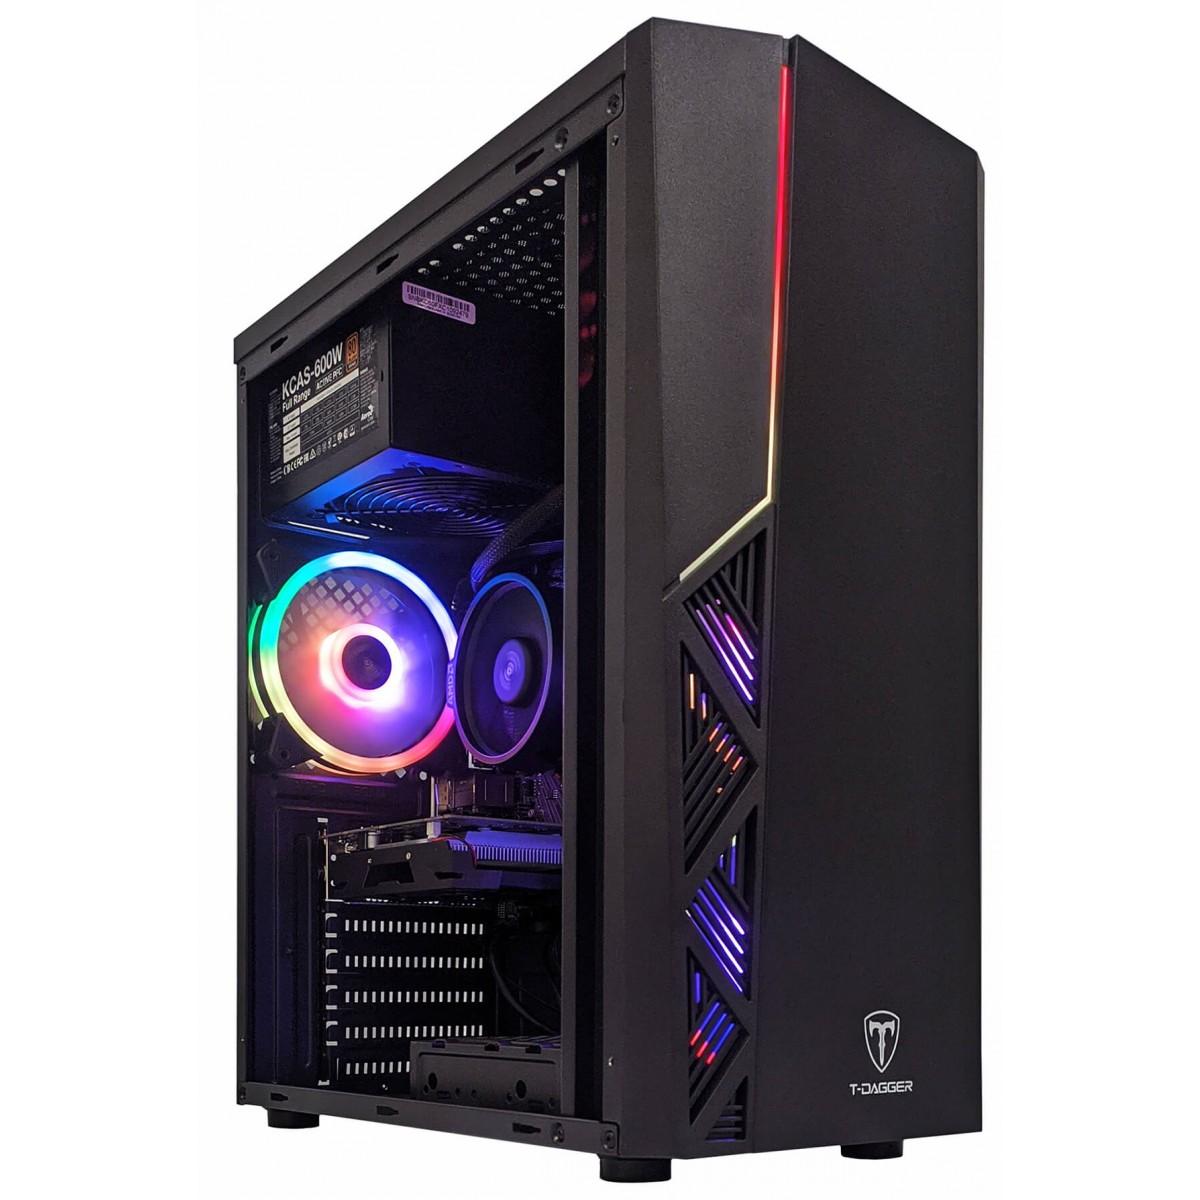 Computador T-Home Lion AMD Ryzen 5 3500 / NVIDIA GeForce GT 710 / DDR4 8GB / SSD 120GB